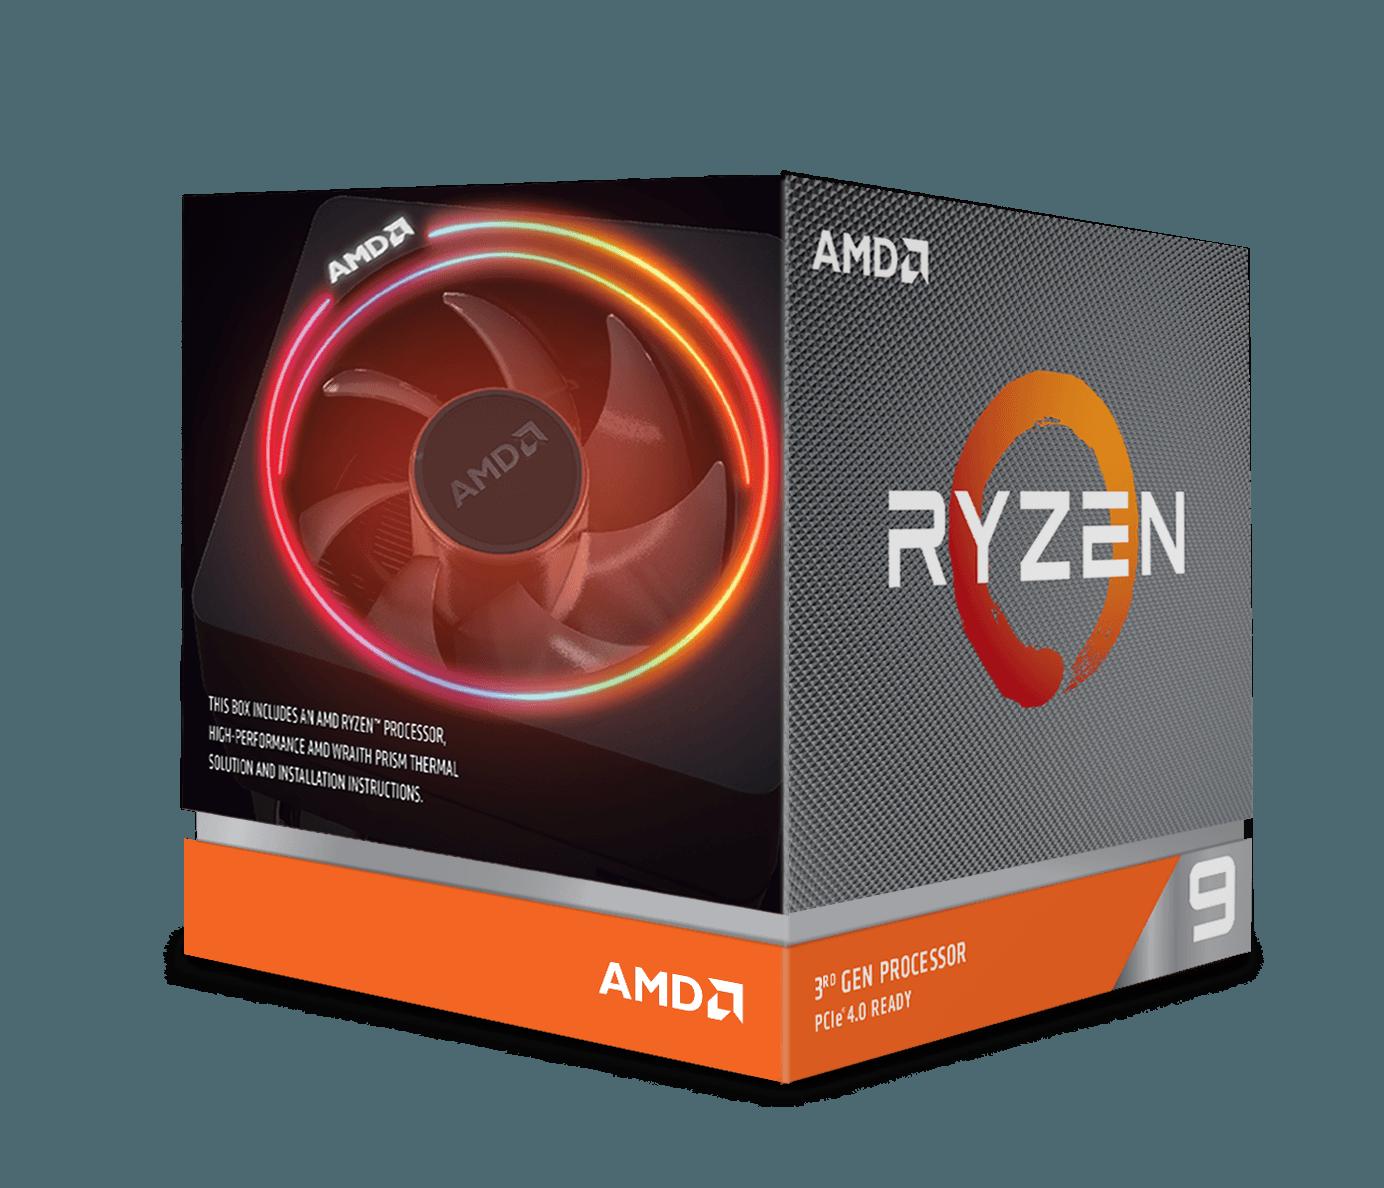 Procesory Ryzen 3000, karty graficzne Radeon RX 5700 i inne tegoroczne nowości AMD trafiły do sprzedaży 26